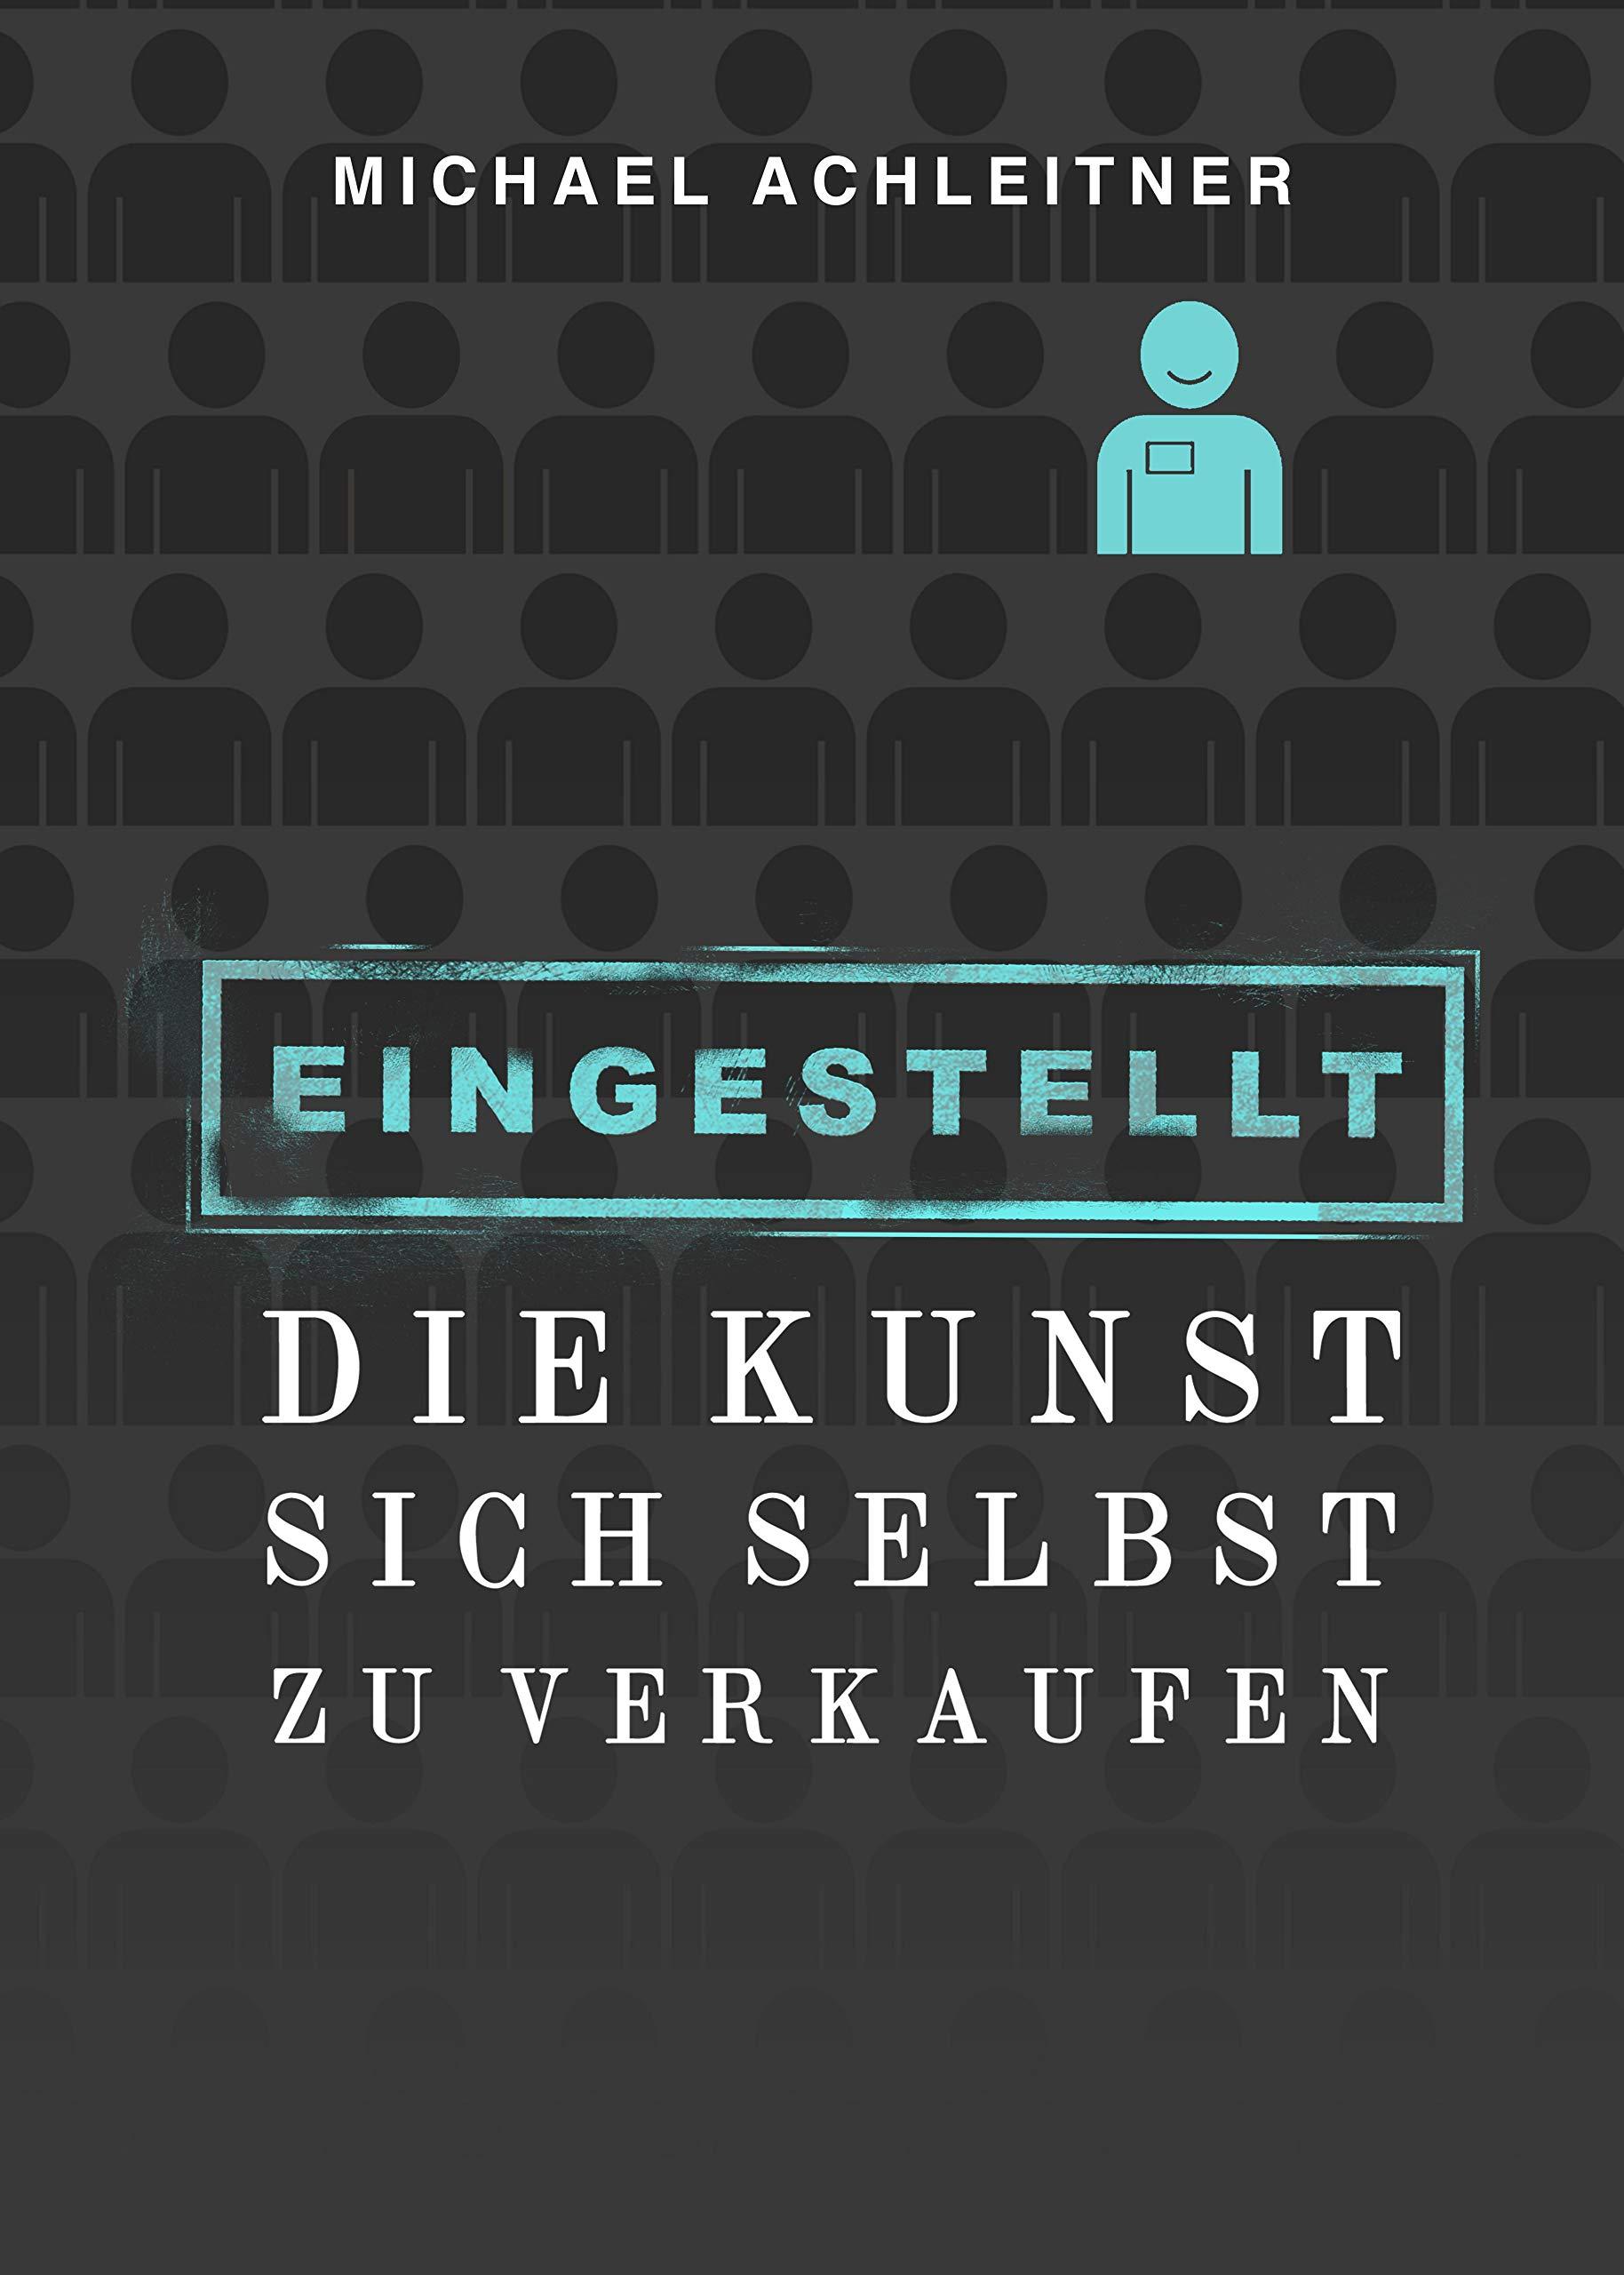 Eingestellt: Die Kunst sich selbst zu verkaufen (German Edition)